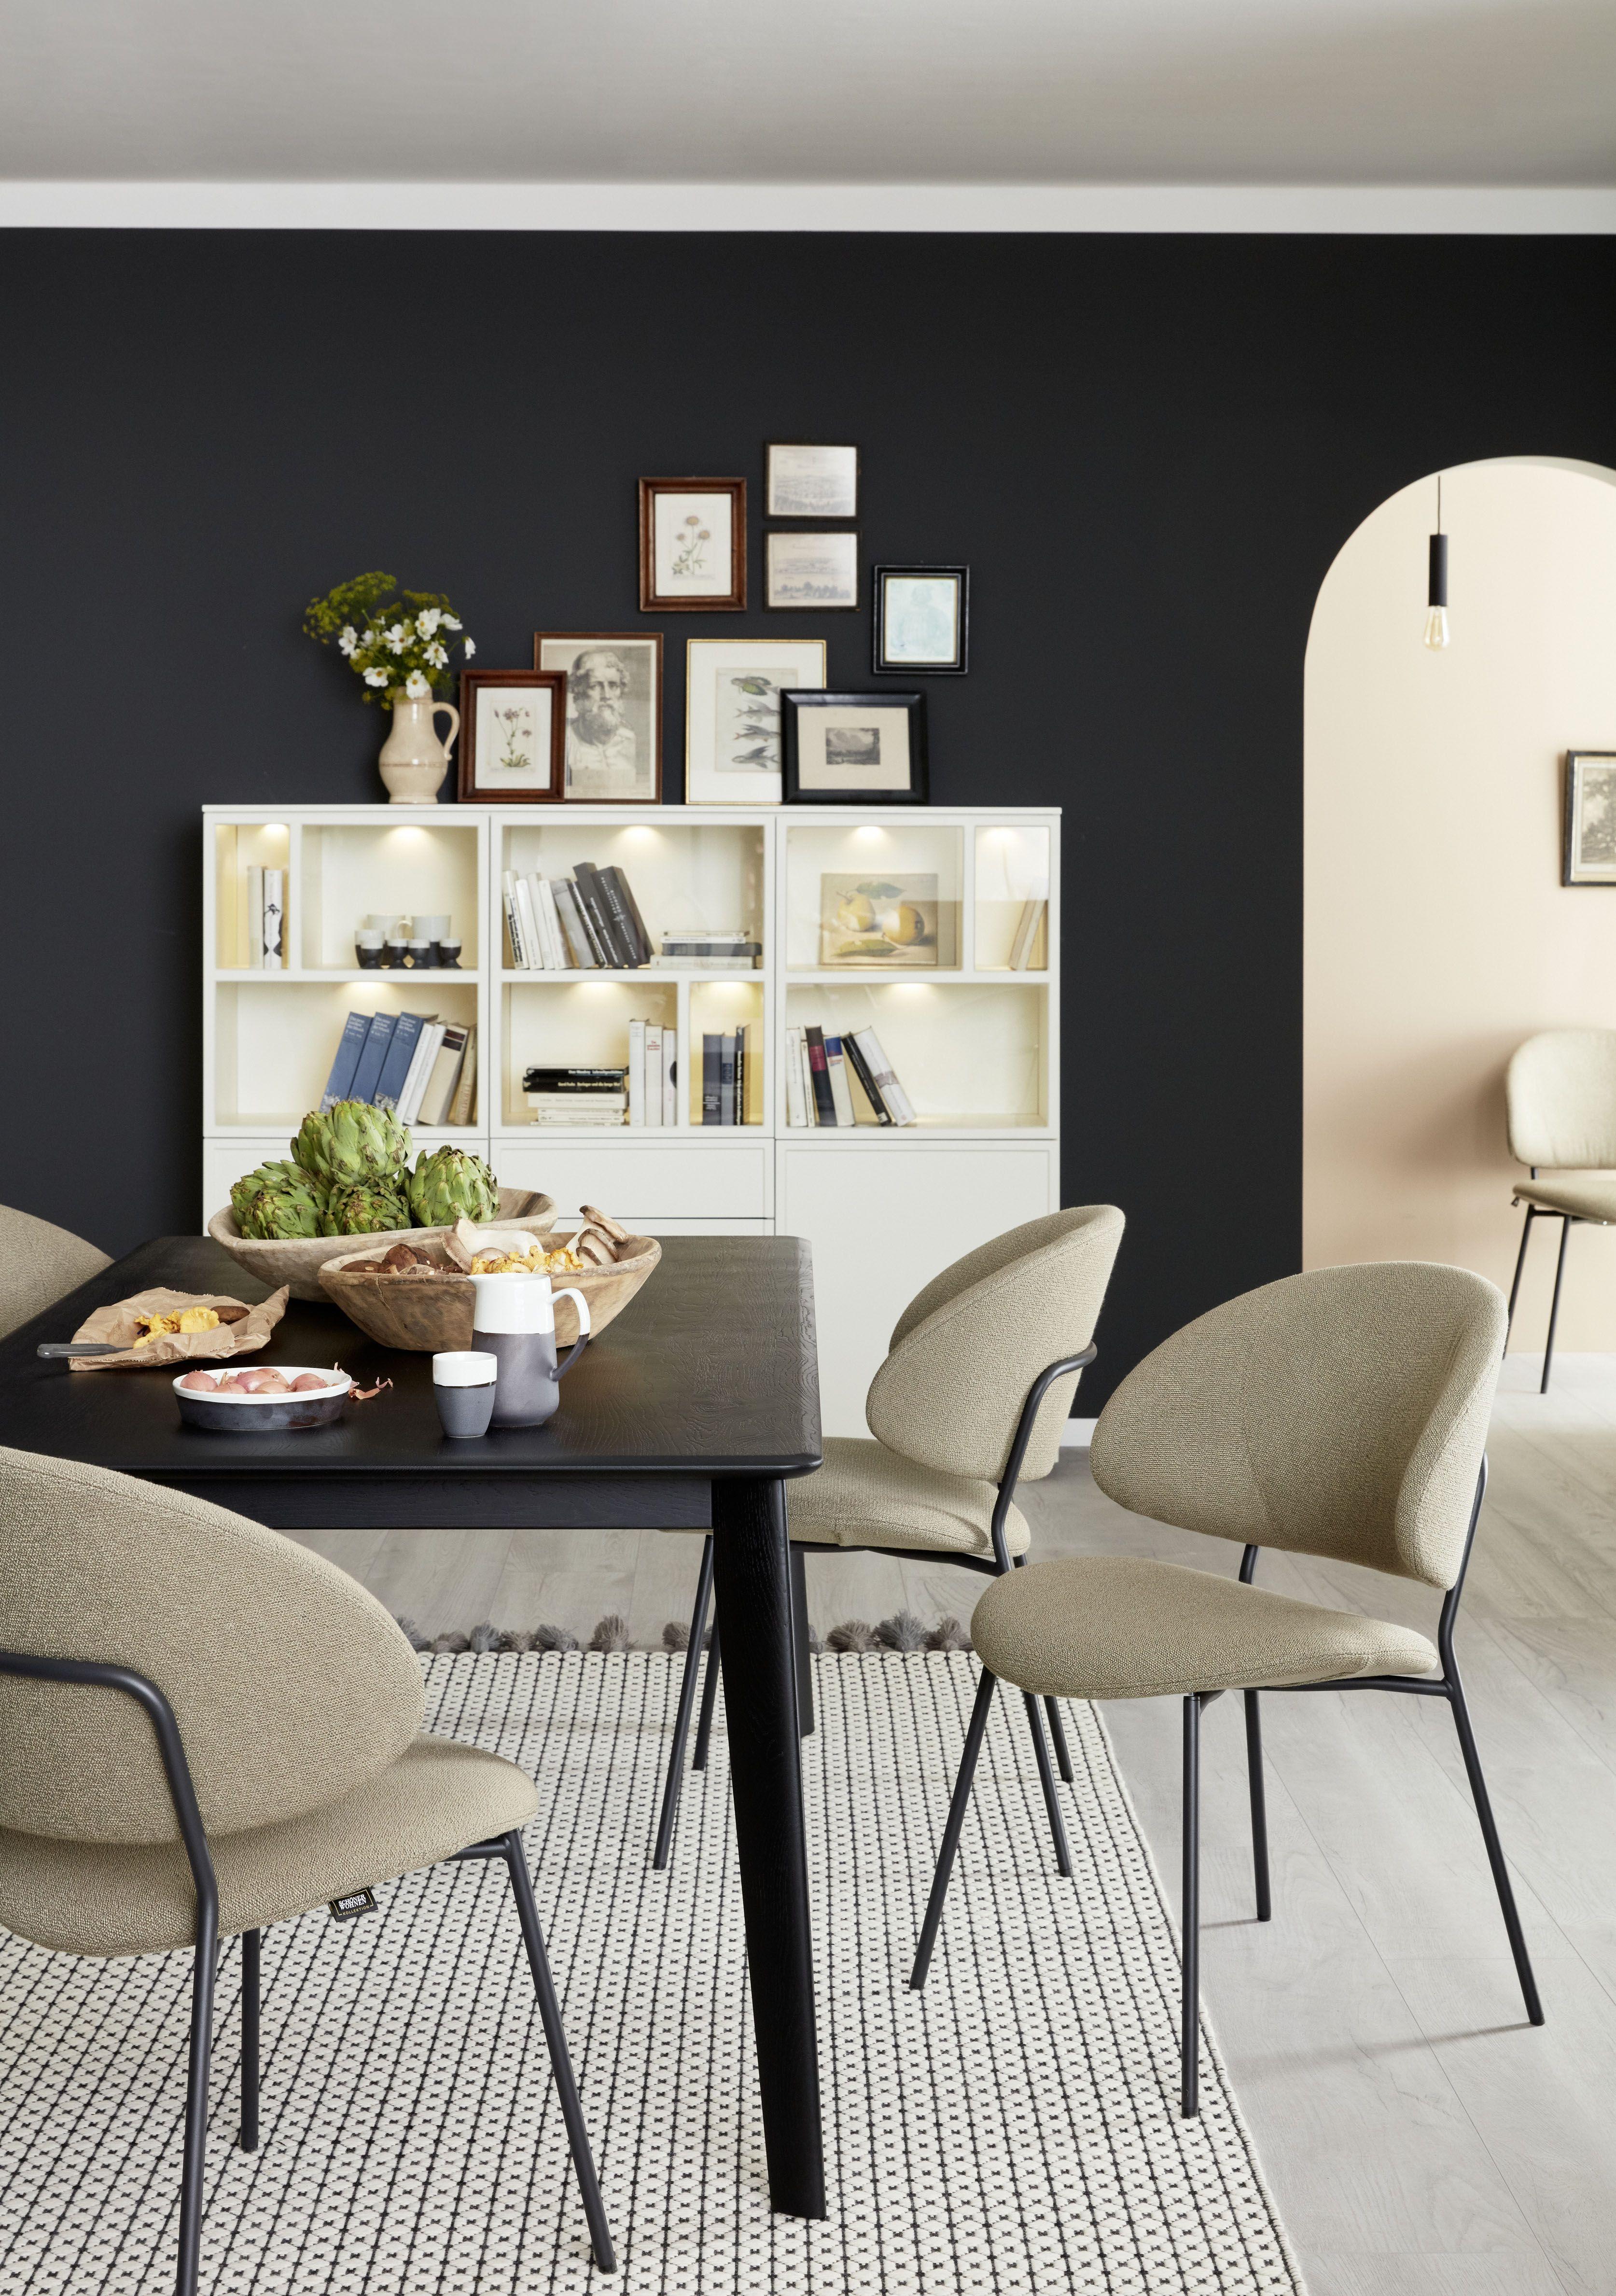 Schoner Wohnen Kollektion Esstisch Tender Wohnen Schoner Wohnen Haus Deko